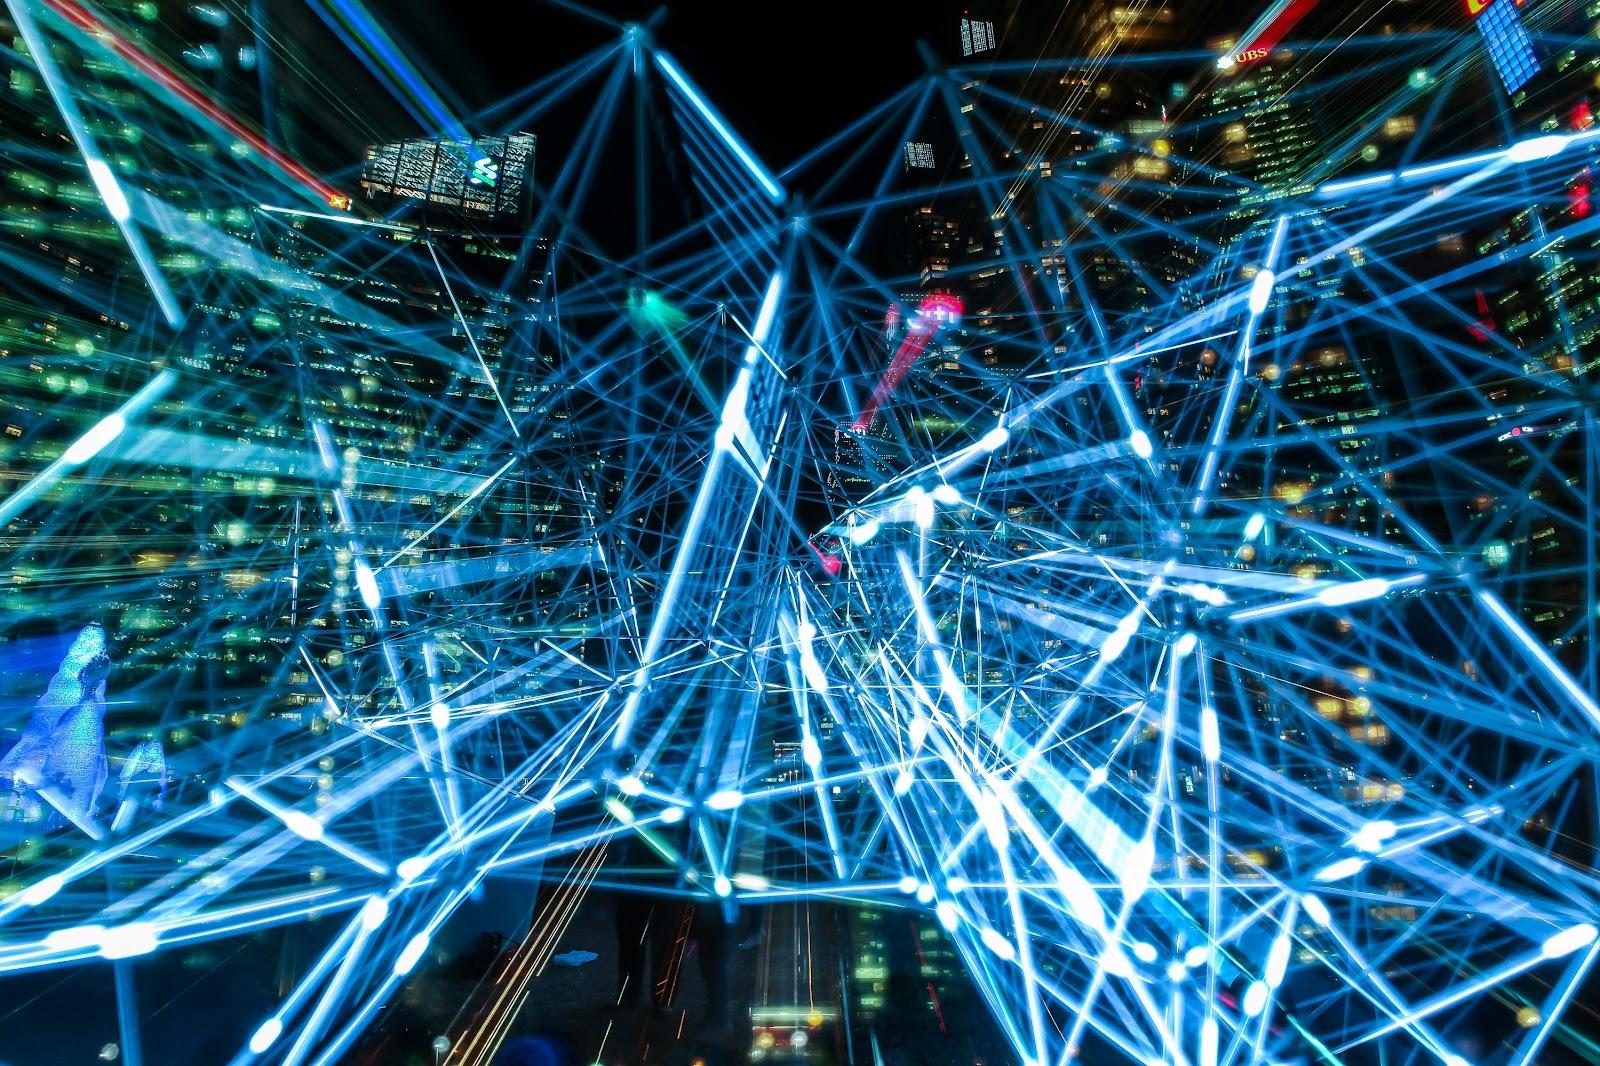 Várias luzes alinhadas representando tecnologia.